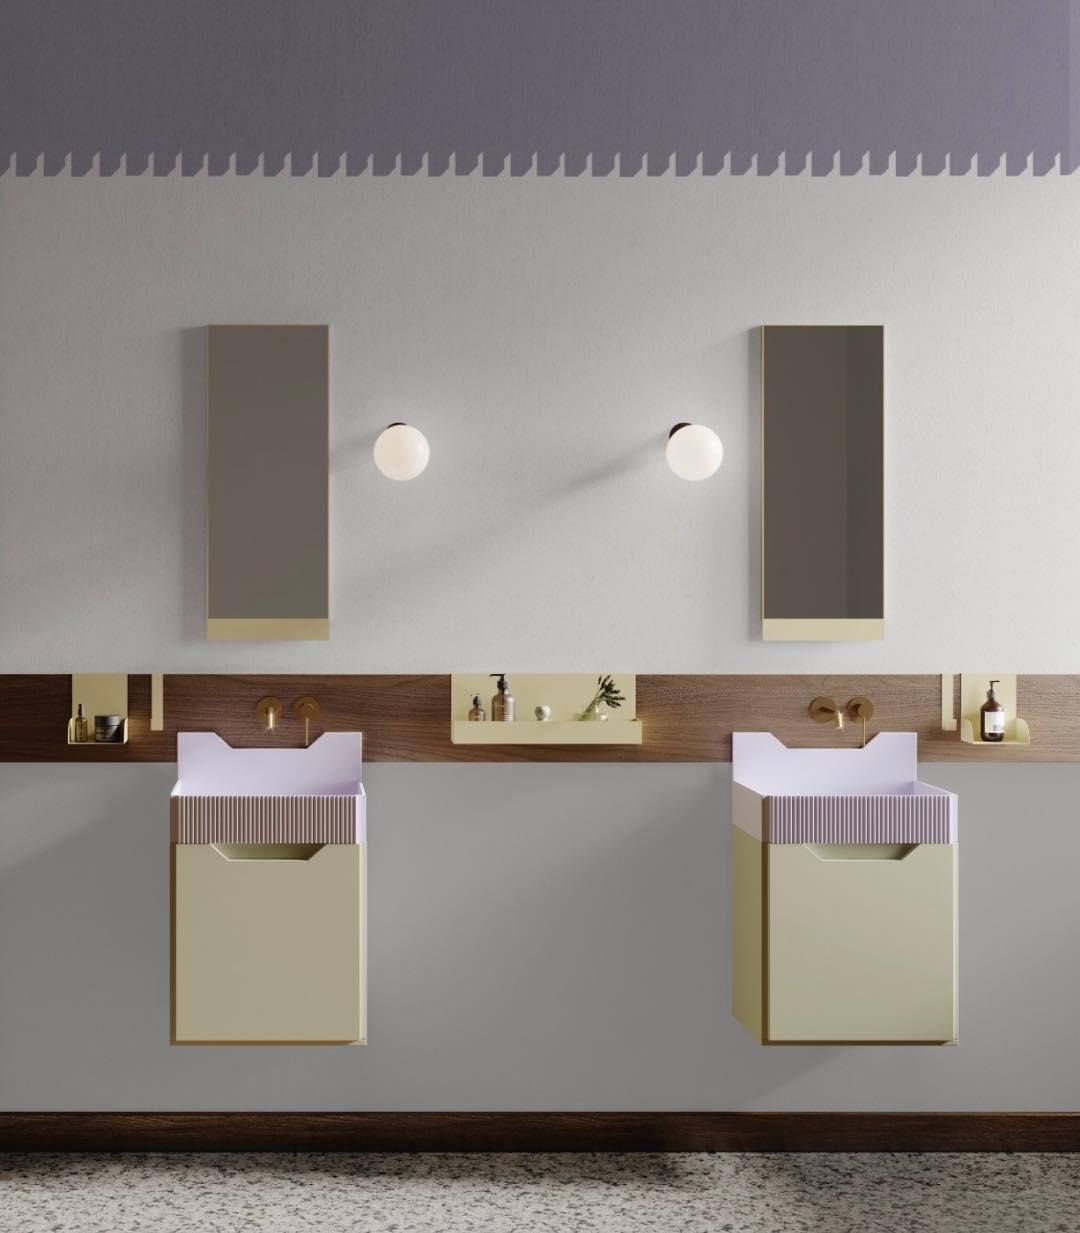 los muebles para baño retro inspirados en Lichtenstein de Marcante-Testa para Ex.t 4